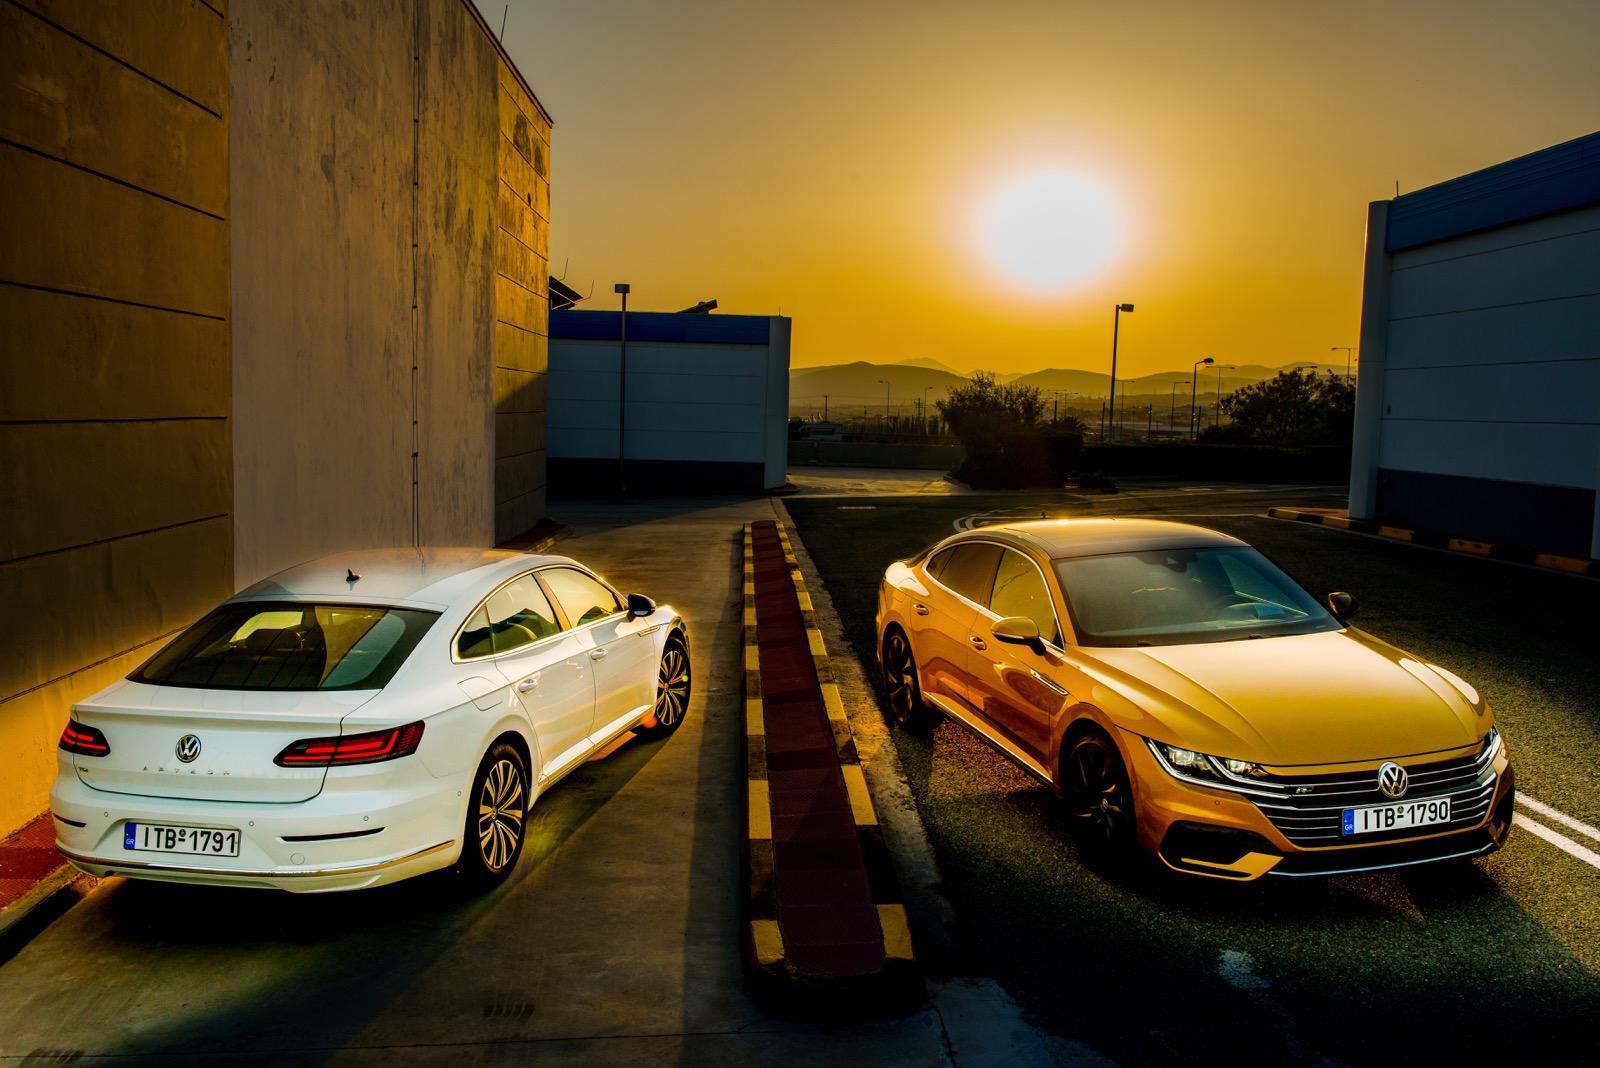 Volkswagen_Arteon_Greek_Presentataion_71